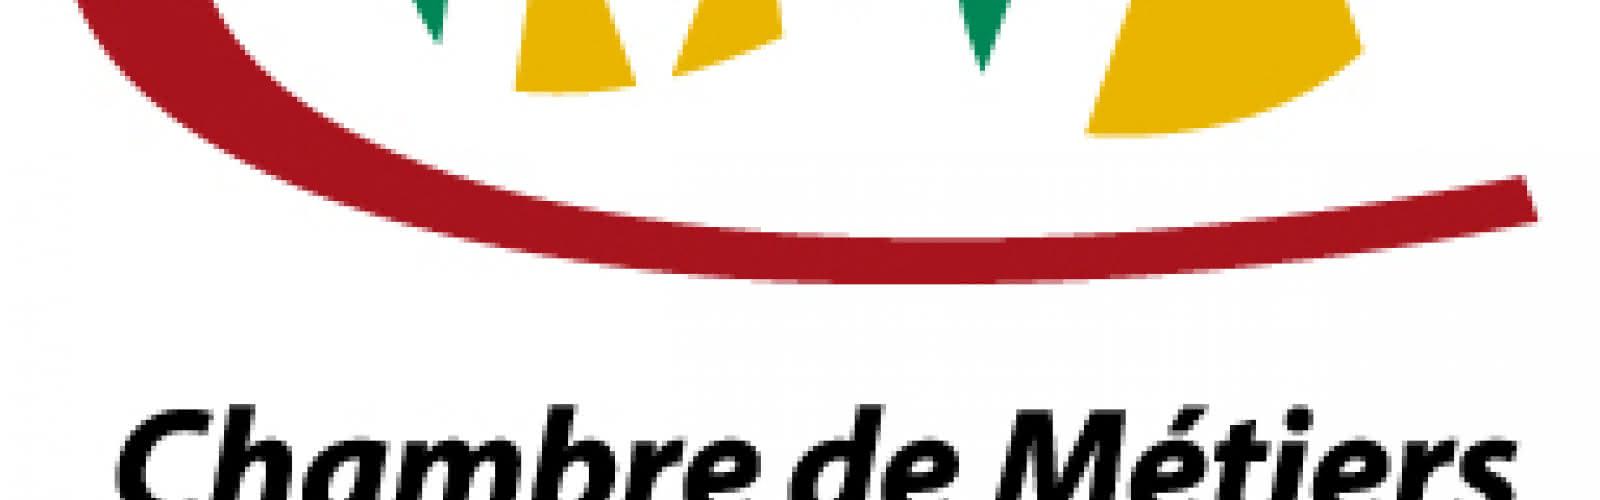 Chambre de Métiers et de l'Artisanat du Val d'Oise - Val d'Oise ...